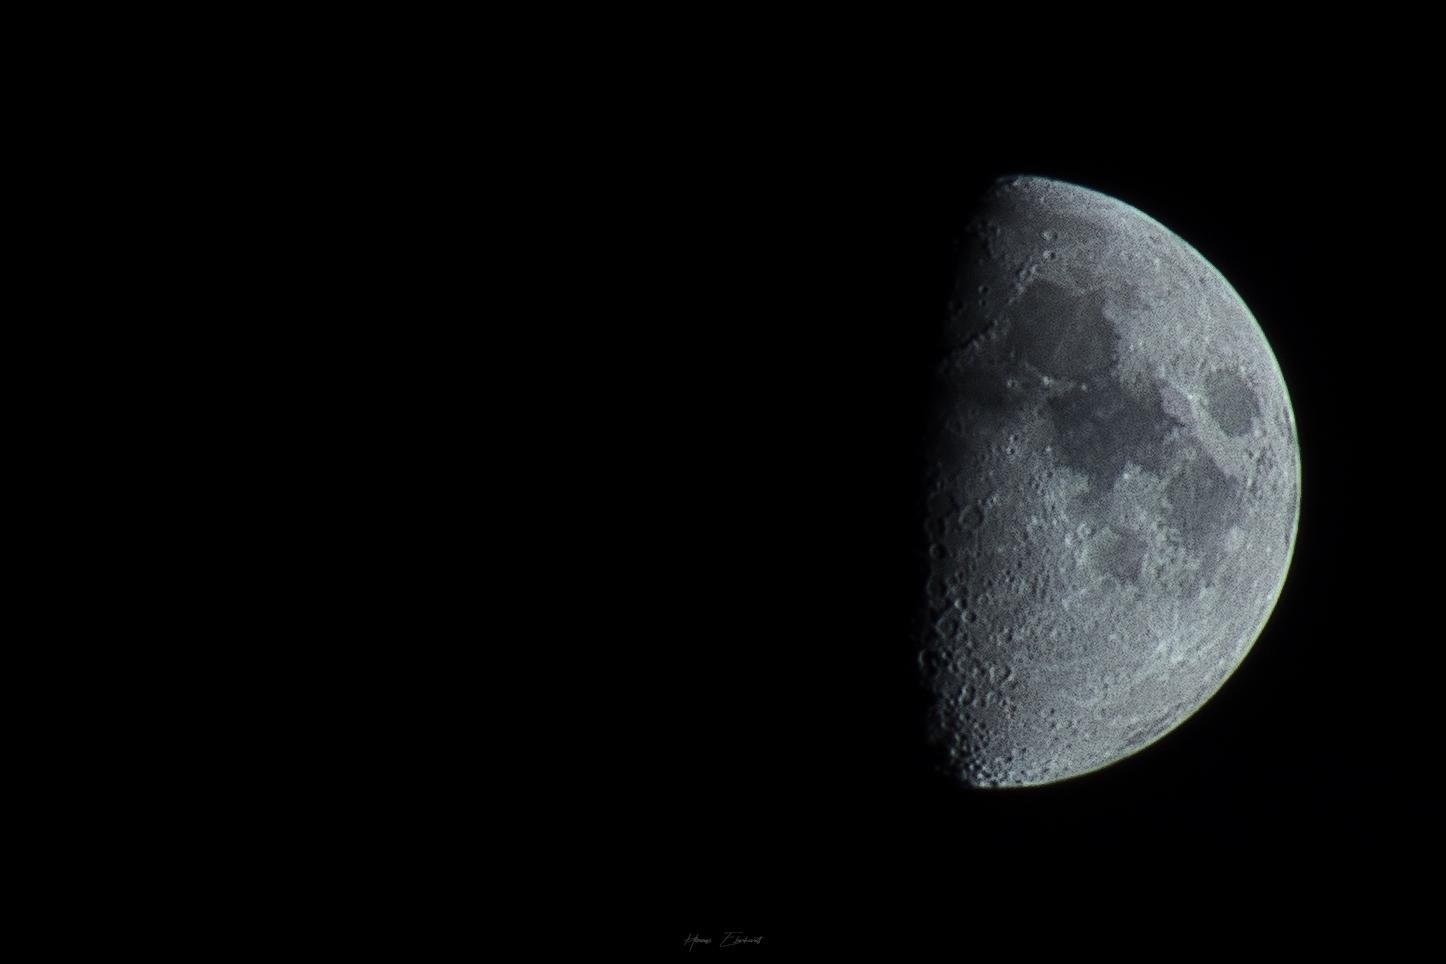 Mond Fotografieren – Tipps und Tricks